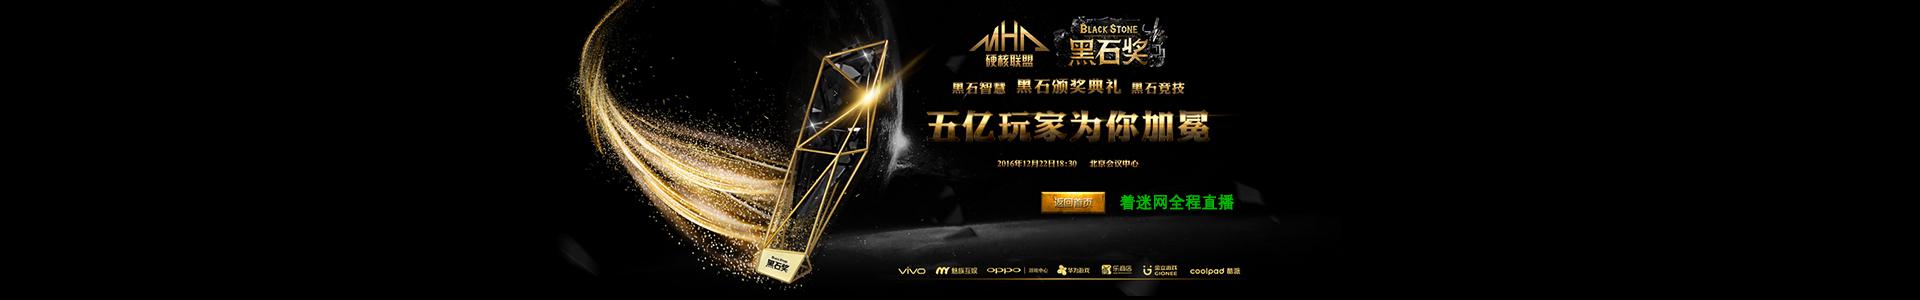 硬核联盟2016第二届黑石奖颁奖典礼--着迷网直播